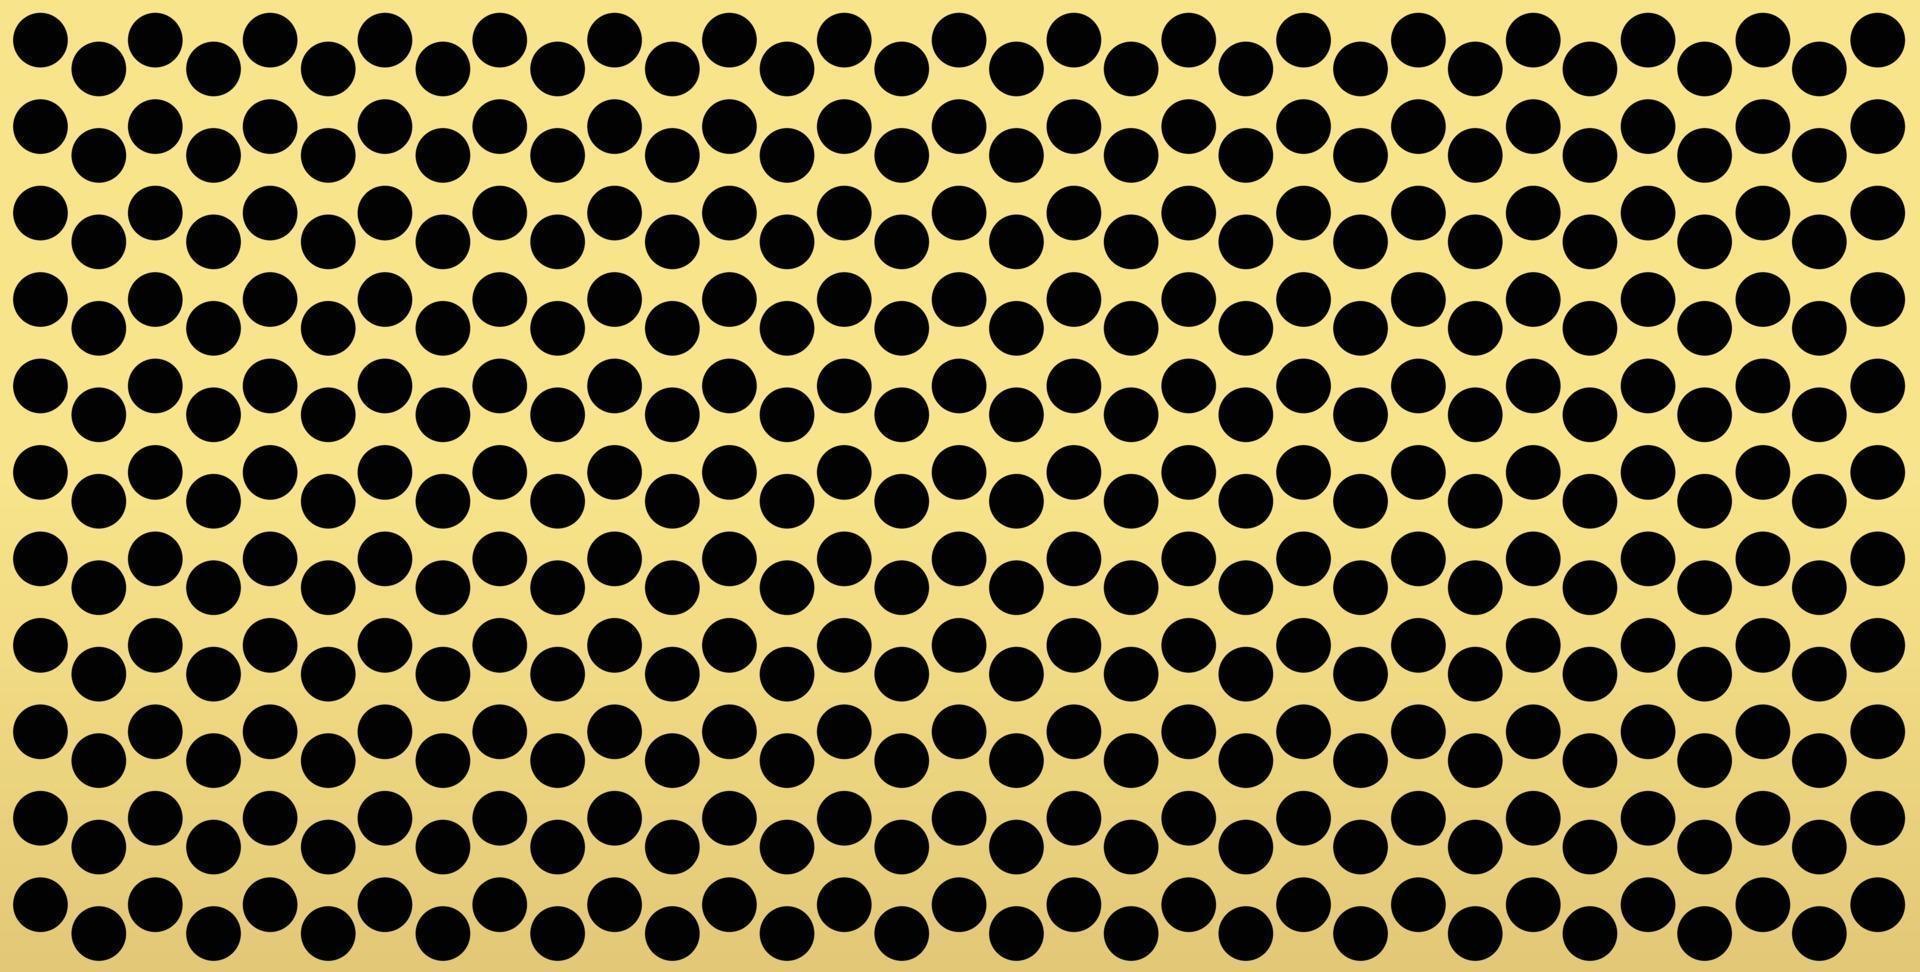 guld prickar mönster, färgstark bakgrund - vektor abstrakt bakgrund